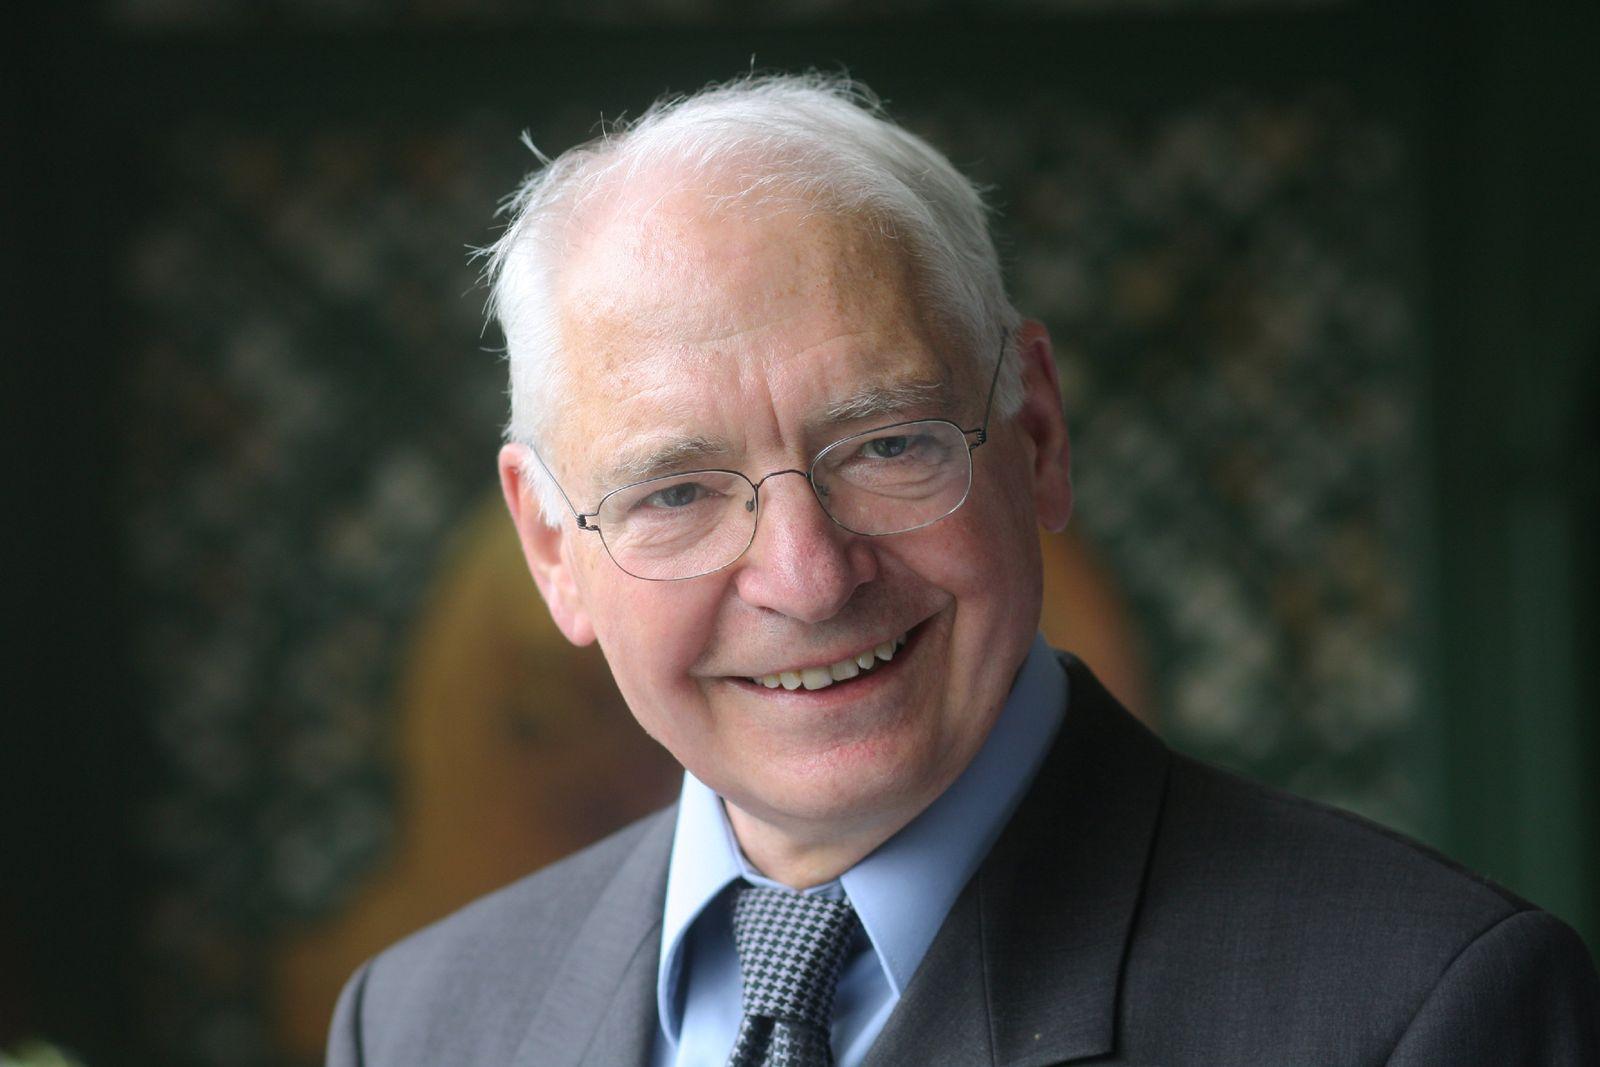 Jens Reich